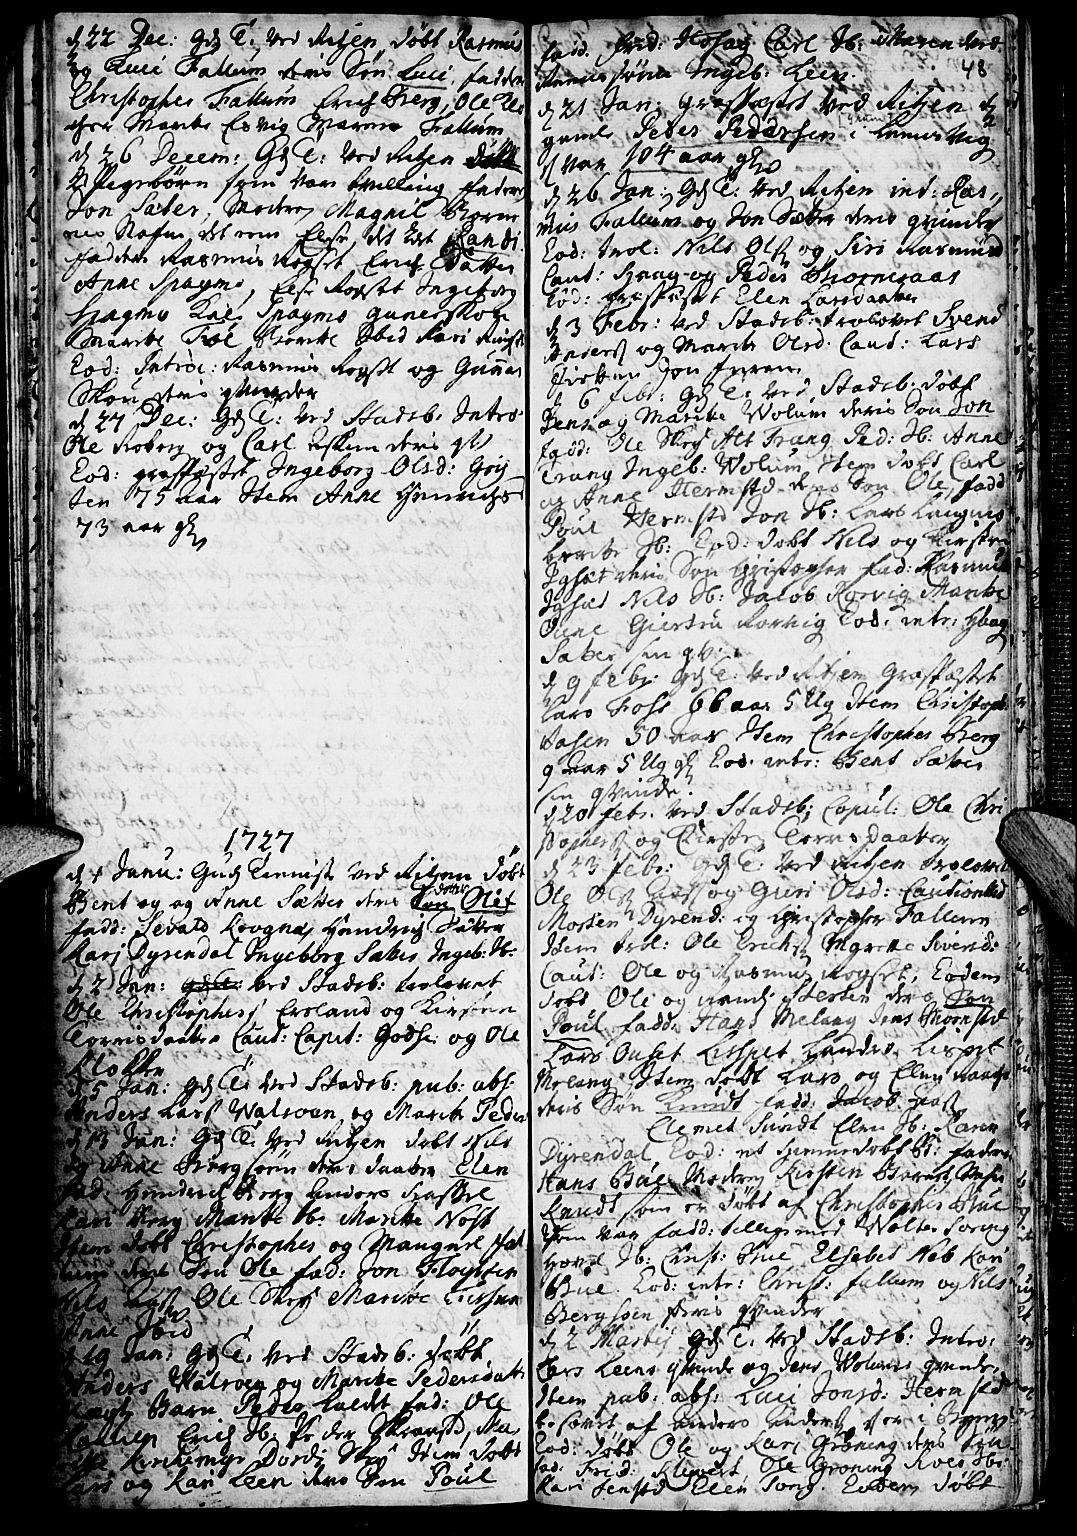 SAT, Ministerialprotokoller, klokkerbøker og fødselsregistre - Sør-Trøndelag, 646/L0603: Ministerialbok nr. 646A01, 1700-1734, s. 48